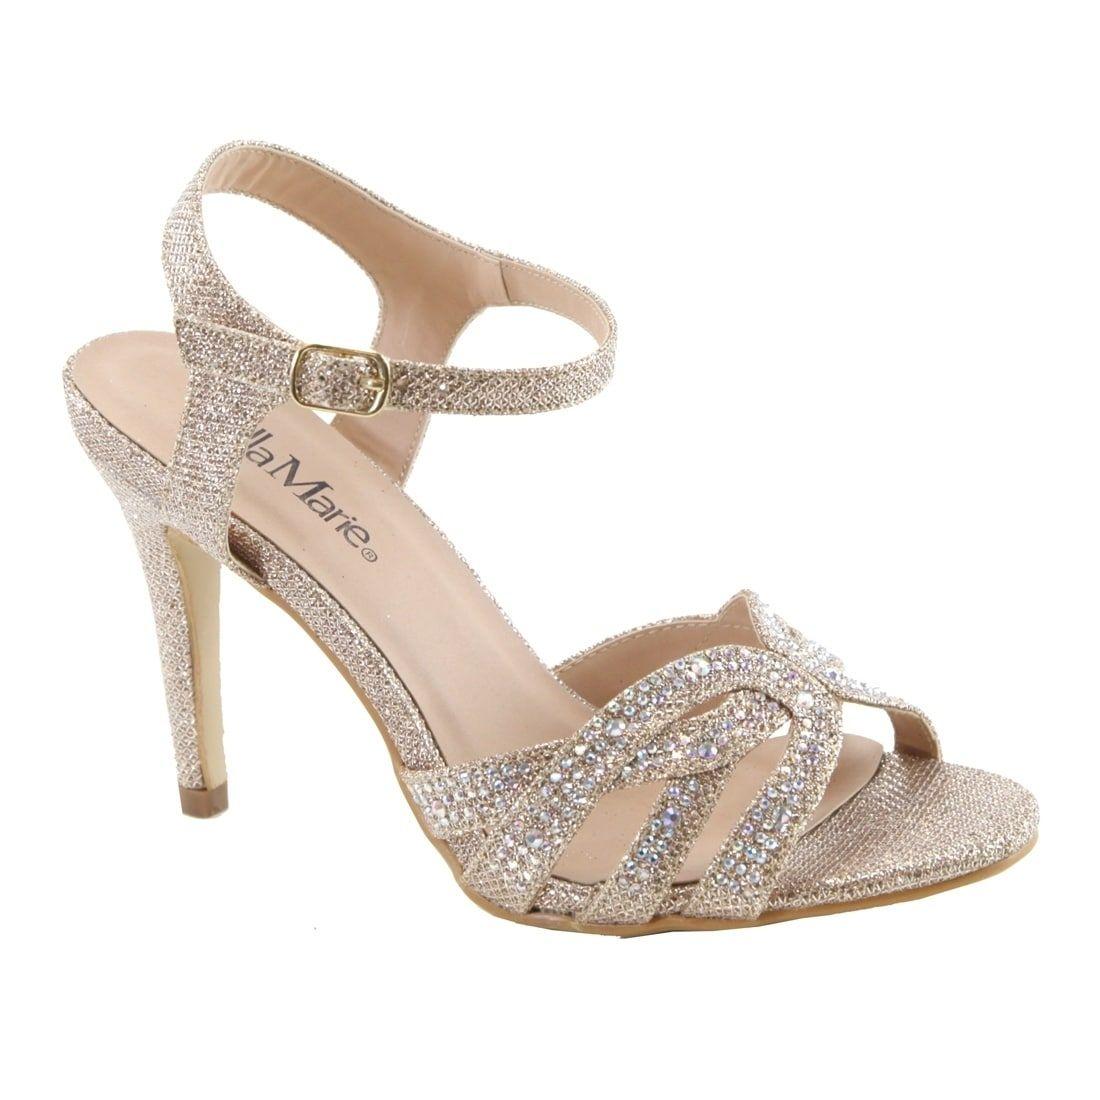 8f2b88e247f Bella Marie Women s Rhinestone Strappy Wrapped Stiletto Heel Sandals ...